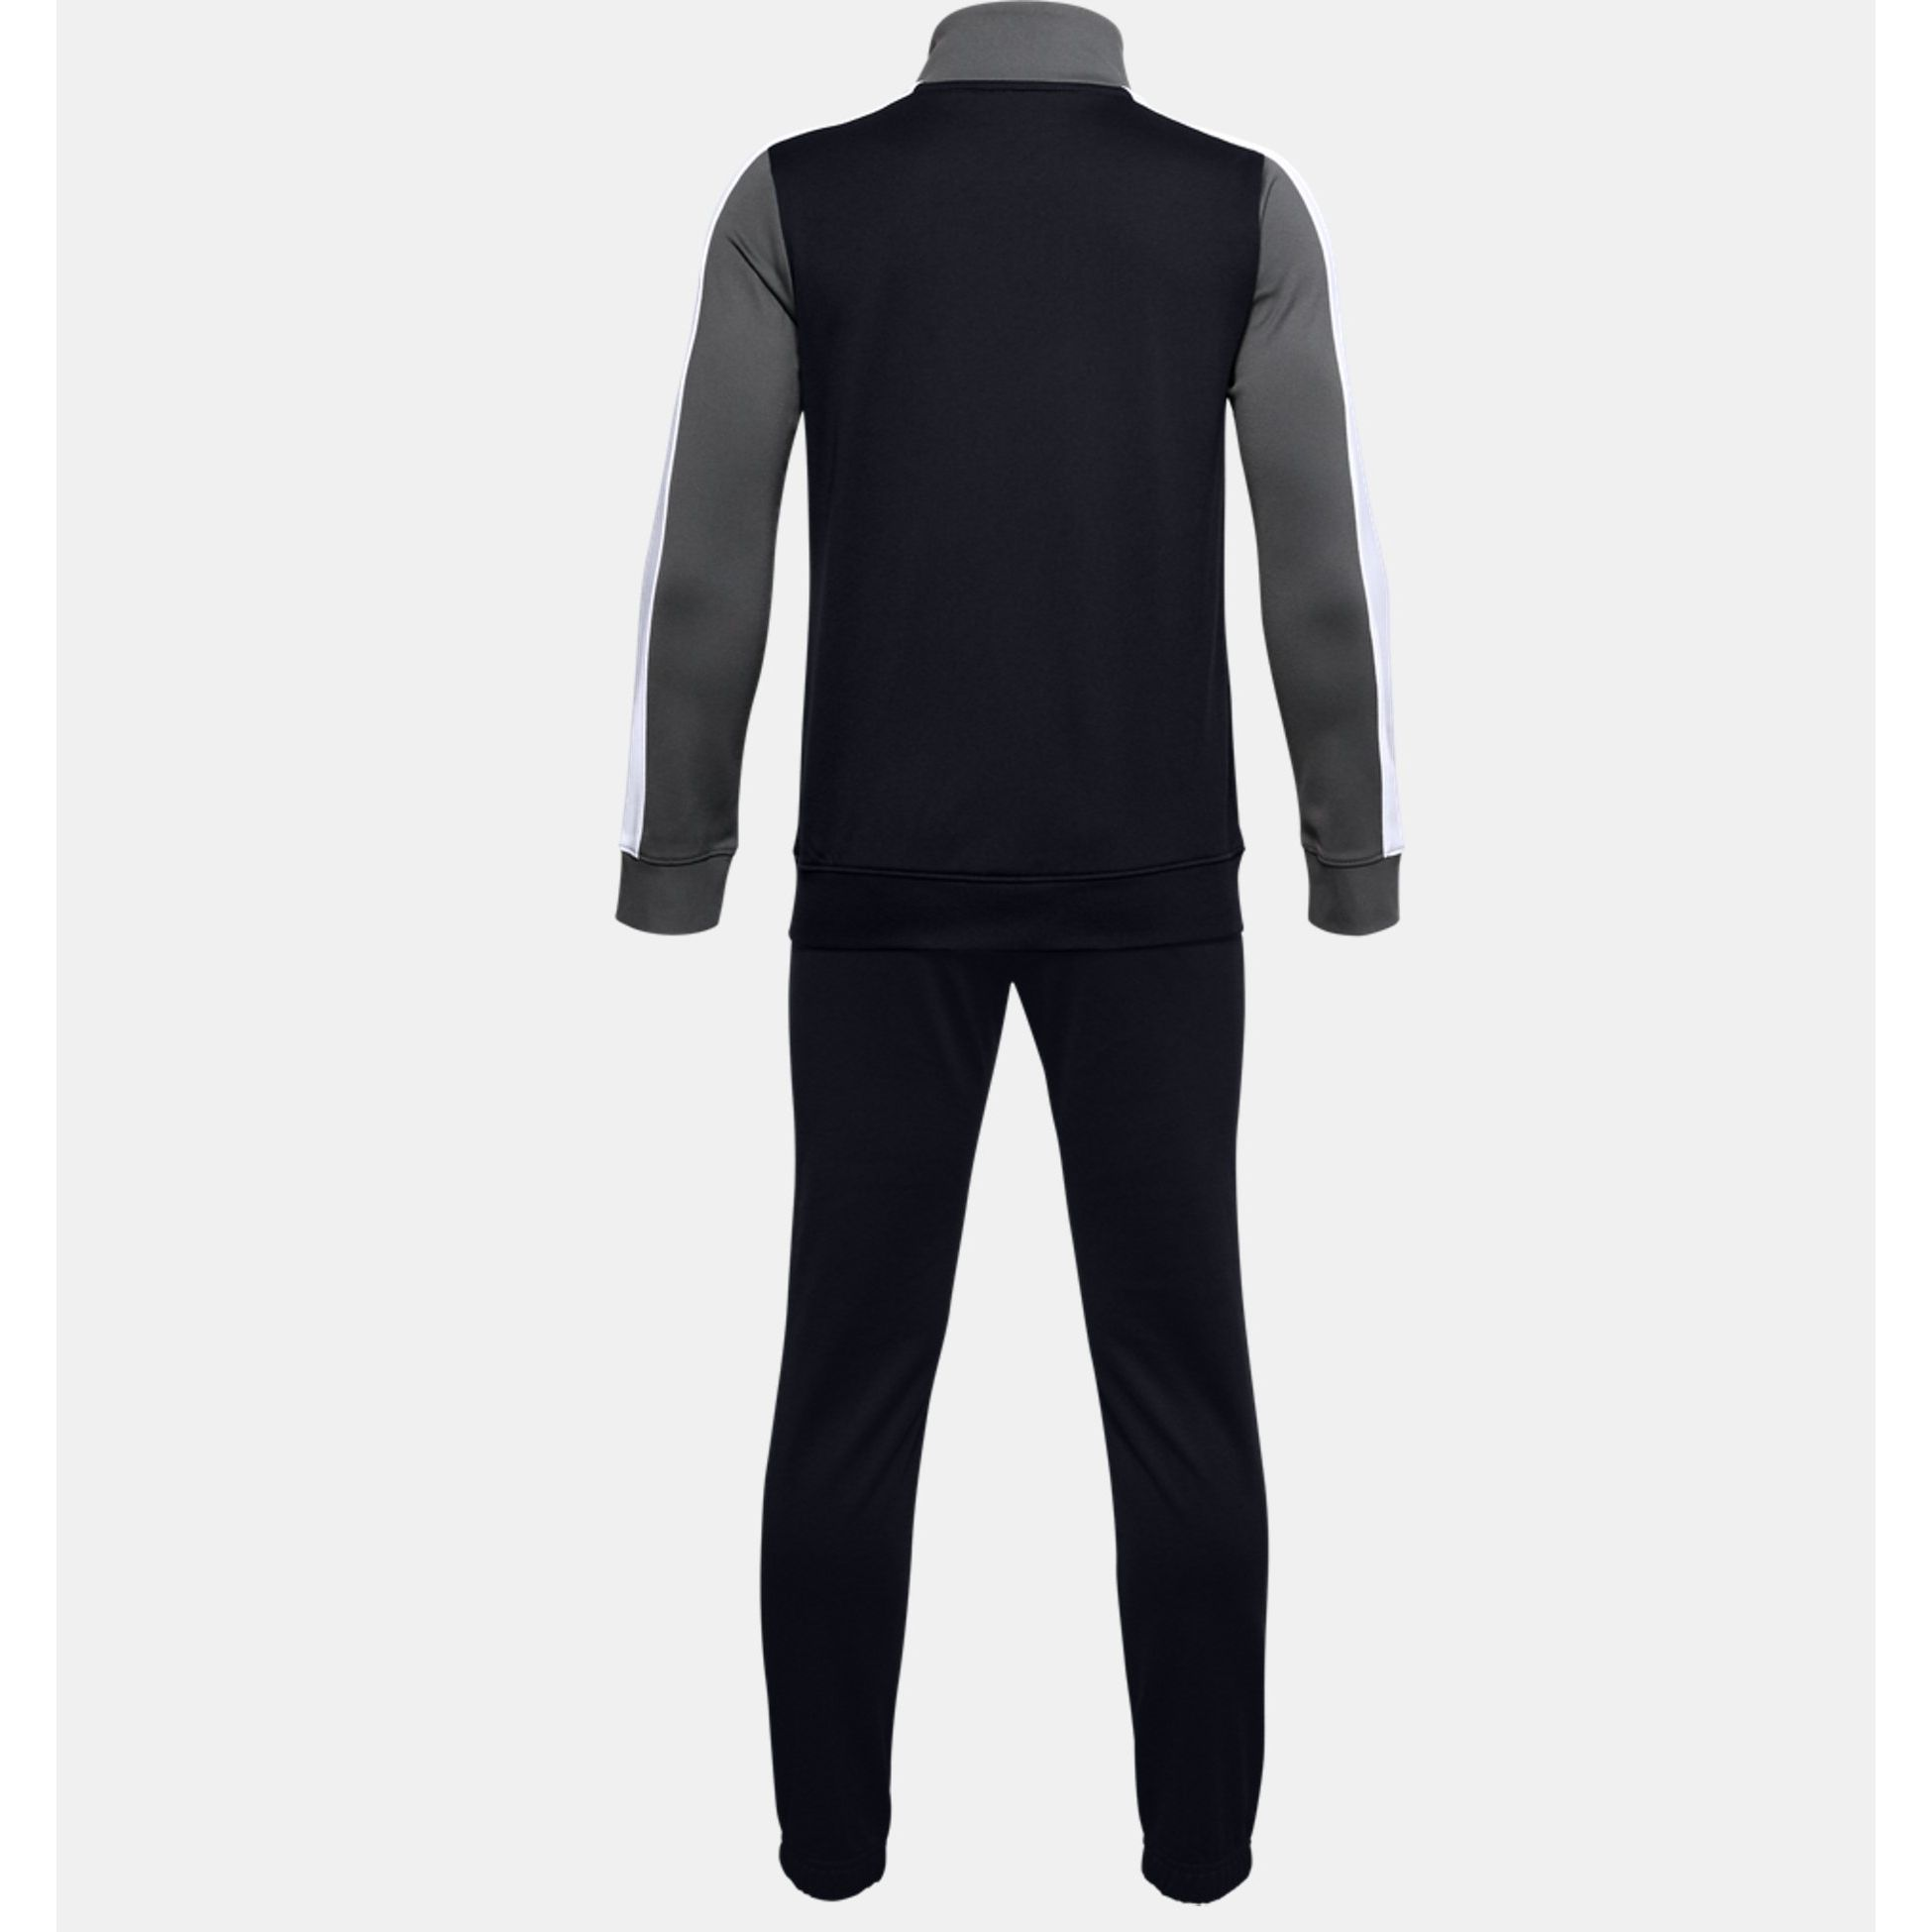 Îmbrăcăminte -  under armour UA CB Knit Track Suit